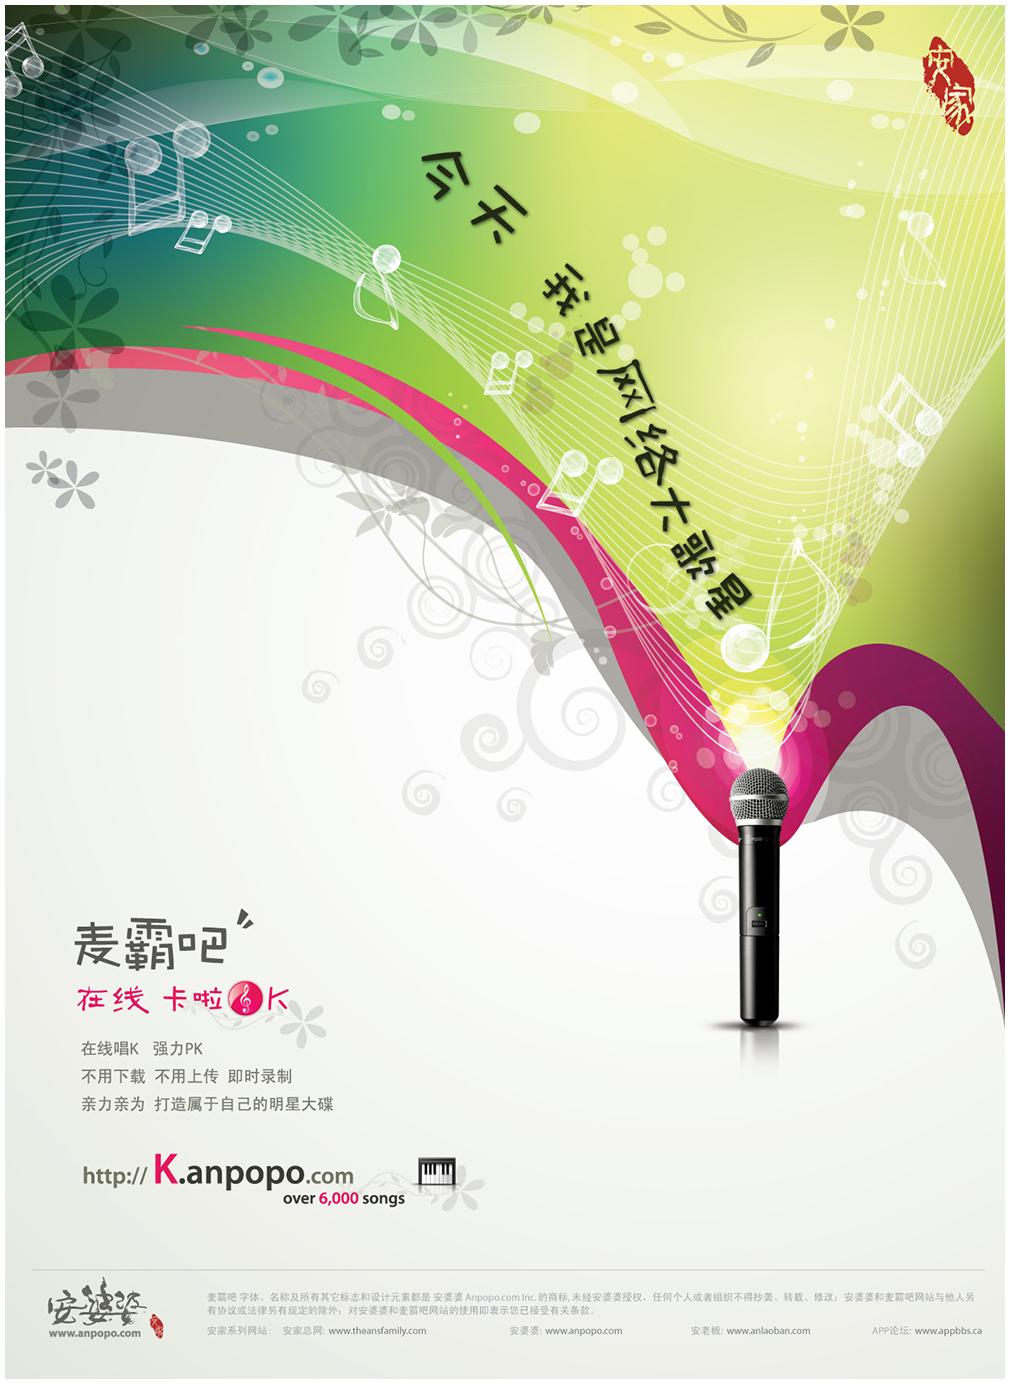 Poster design online - Online Karaoke Poster